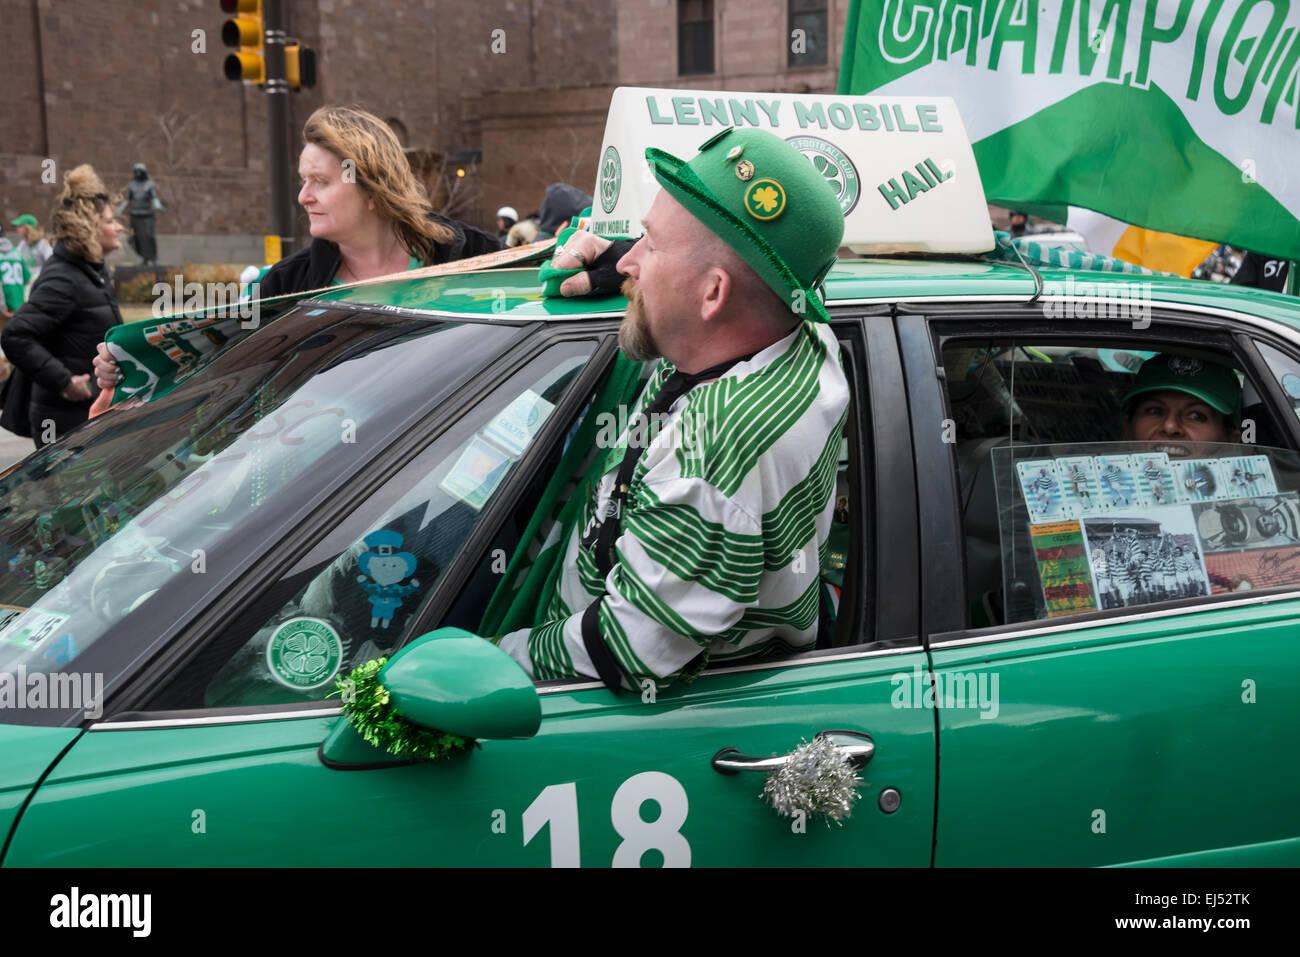 Ein Mann in Grün Hut in der Green Car, St Patrick's Day Parade, Philadelphia, USA Stockbild